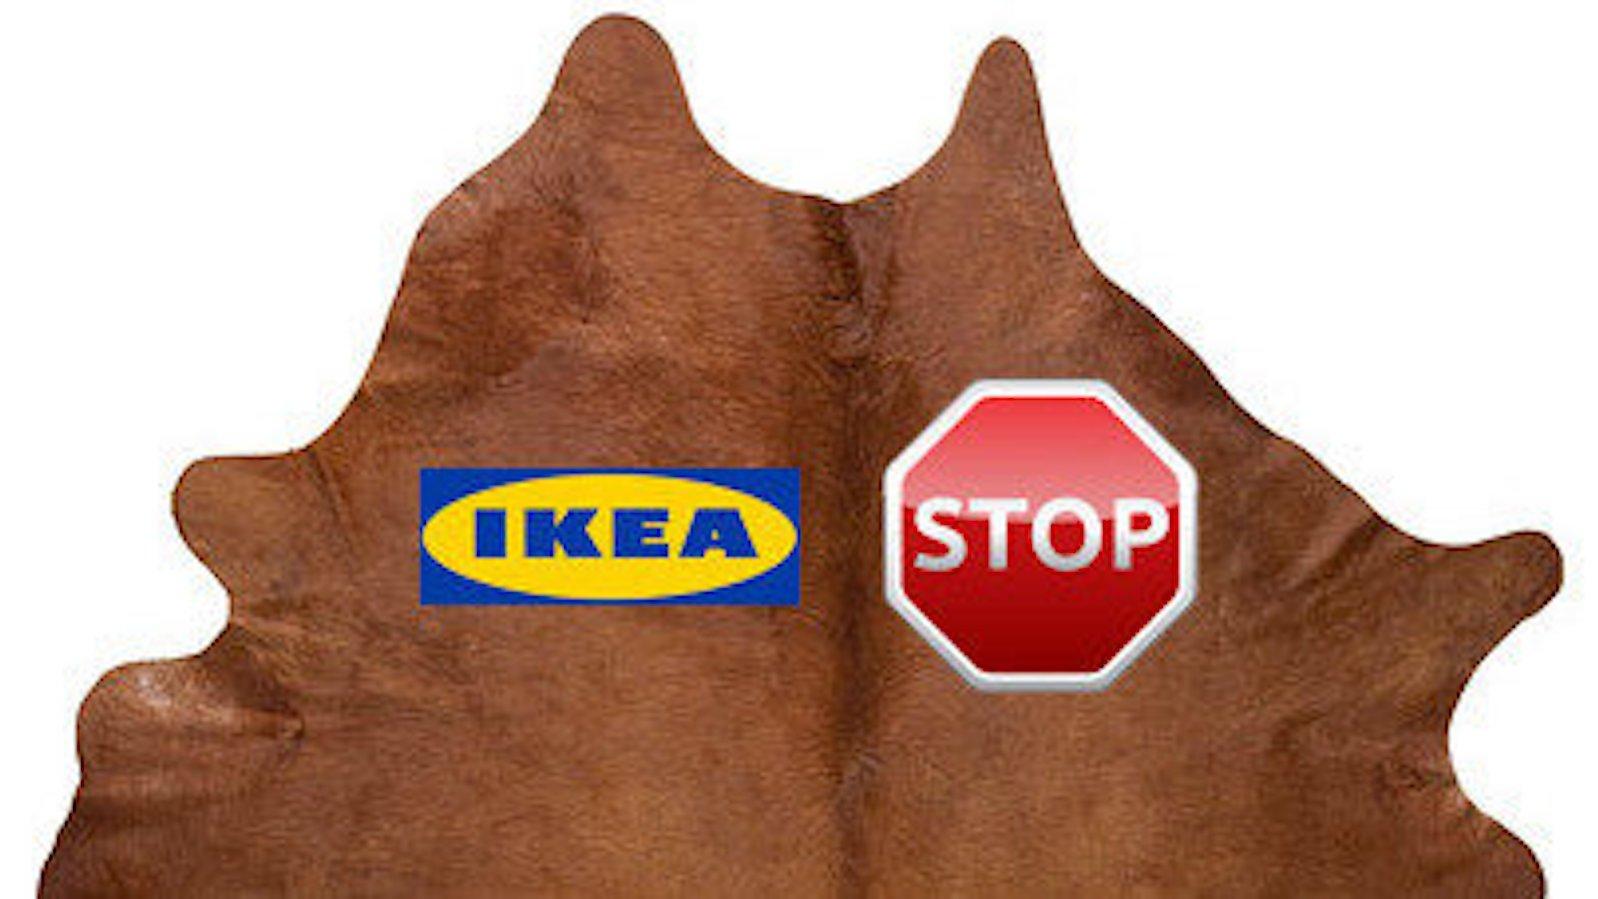 Petition · #Ikea: stop all'uso della pelle animale nei tappeti ...